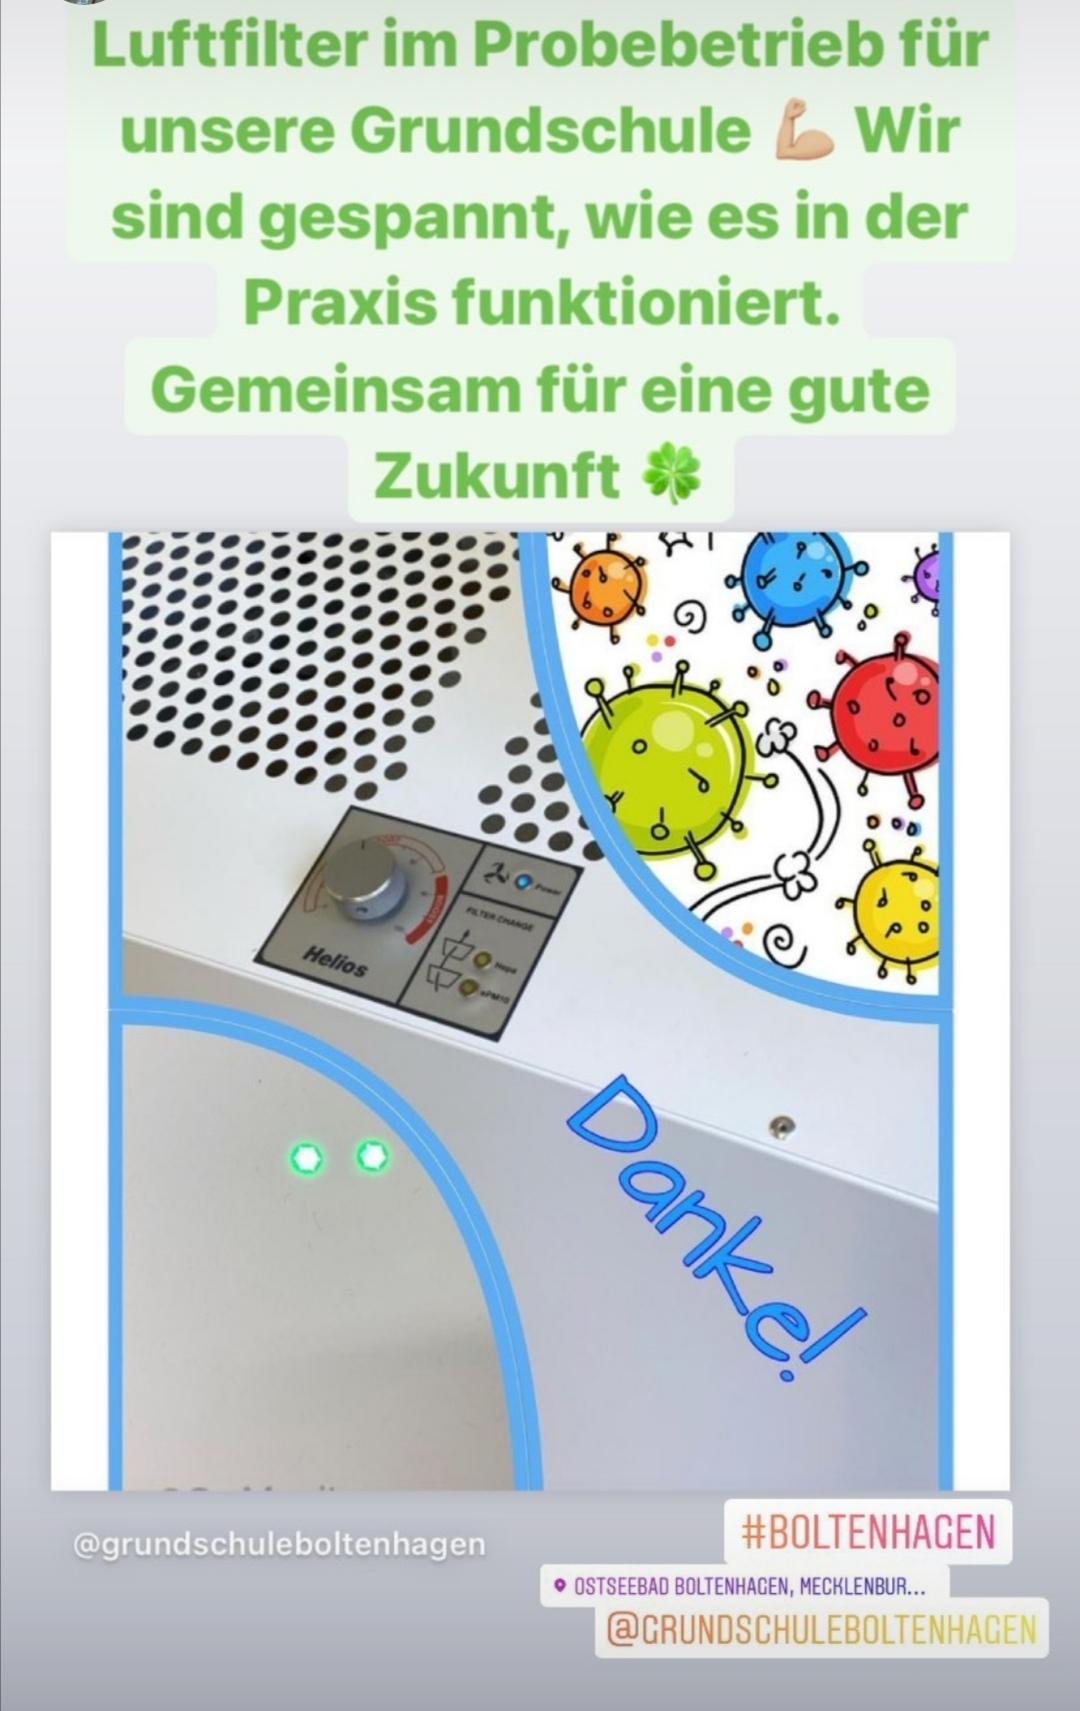 Unsere Grundschule erhält Luftfilter im Probebetrieb. CO2- Ampeln in Modellräumen. Gemeinsam für eine gute Zukunft.